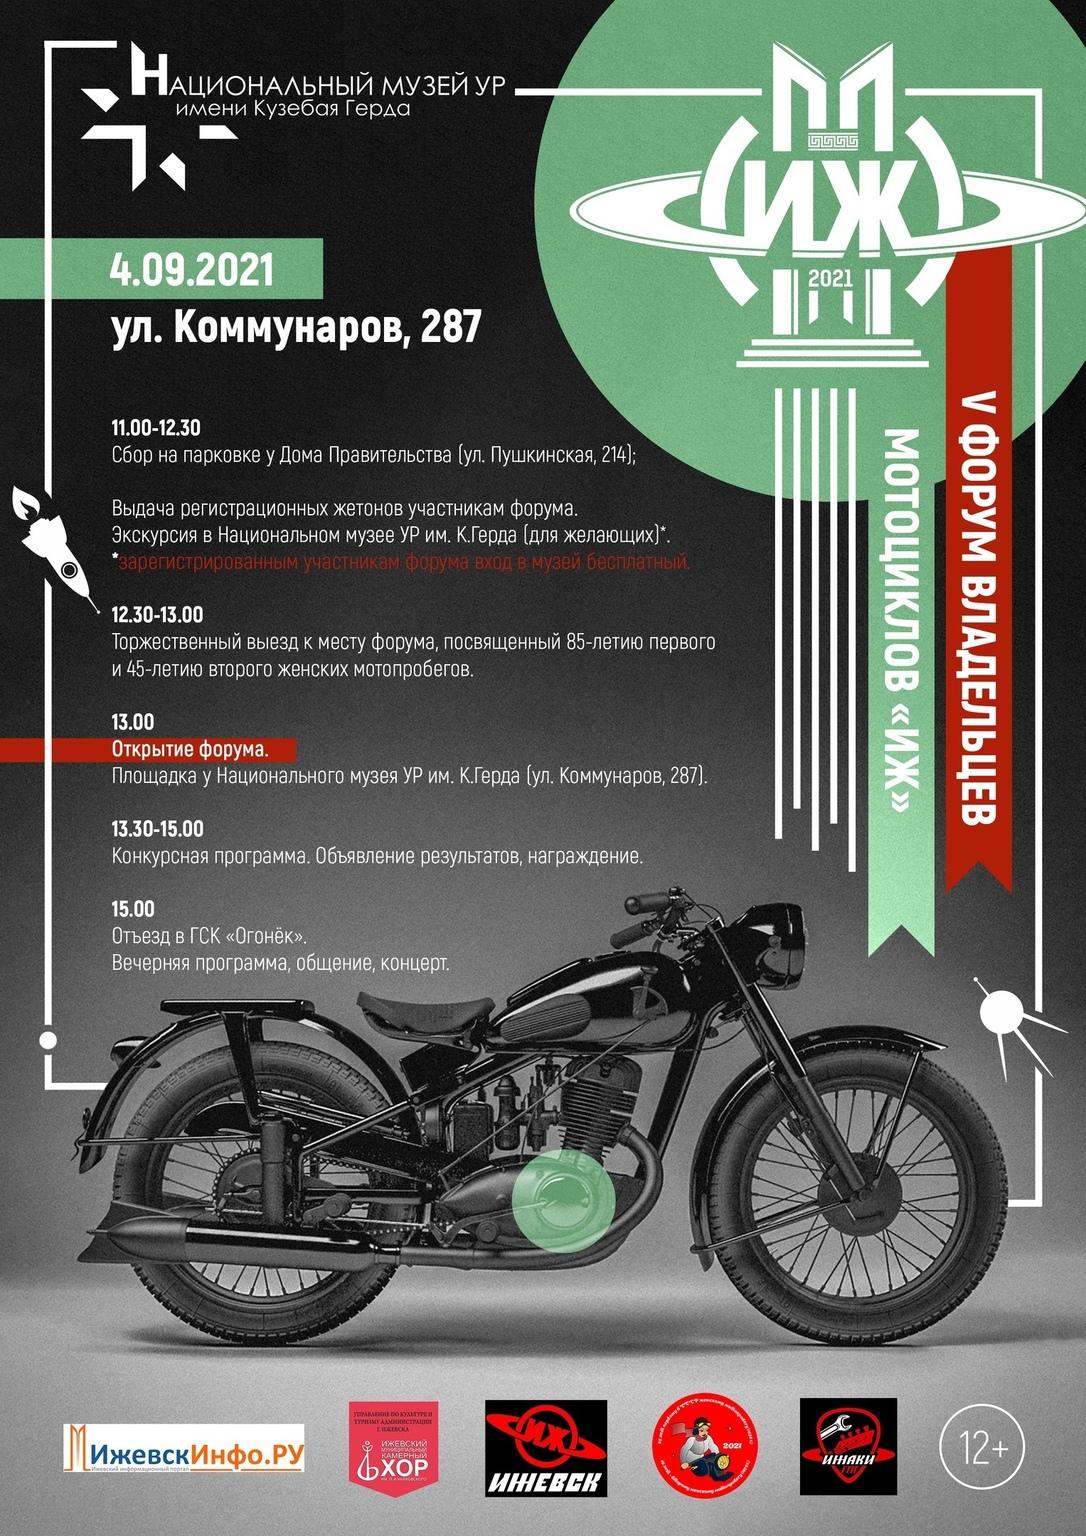 V форум владельцев мотоциклов «ИЖ»